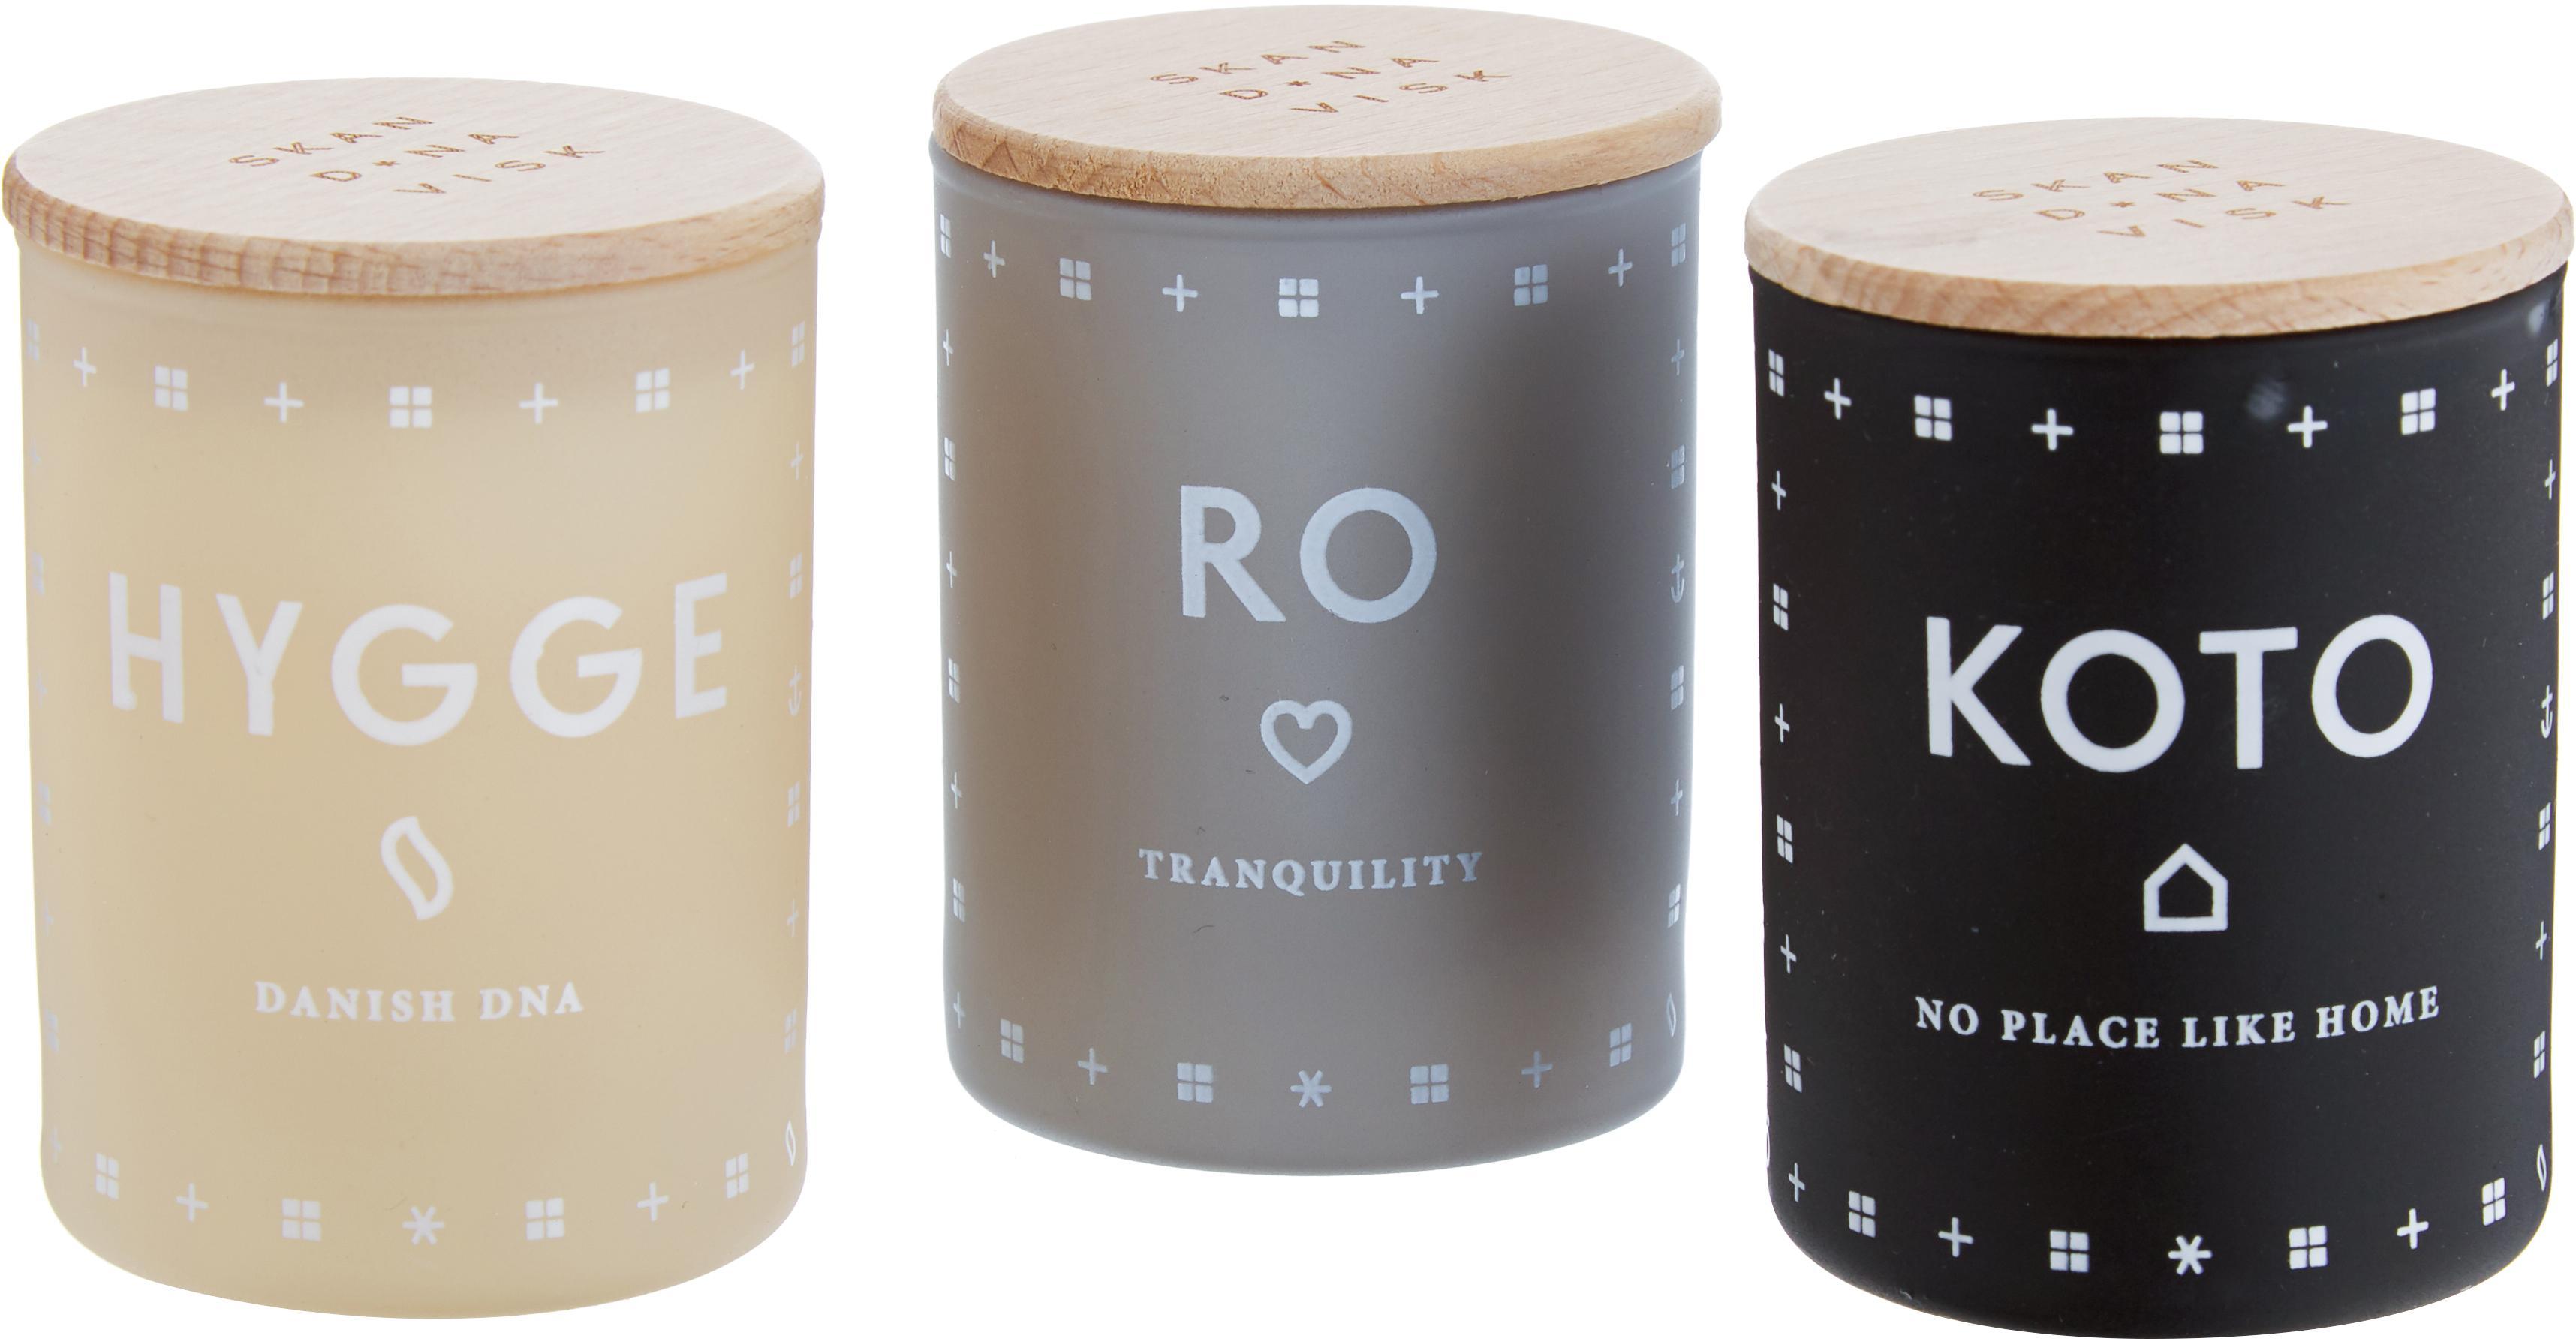 Set candele profumate Hjem (agrumi, erba fresca e fragole), 3 pz., Contenitore: vetro, Coperchio: legno di faggio, Crema, Ø 4 x A 6 cm